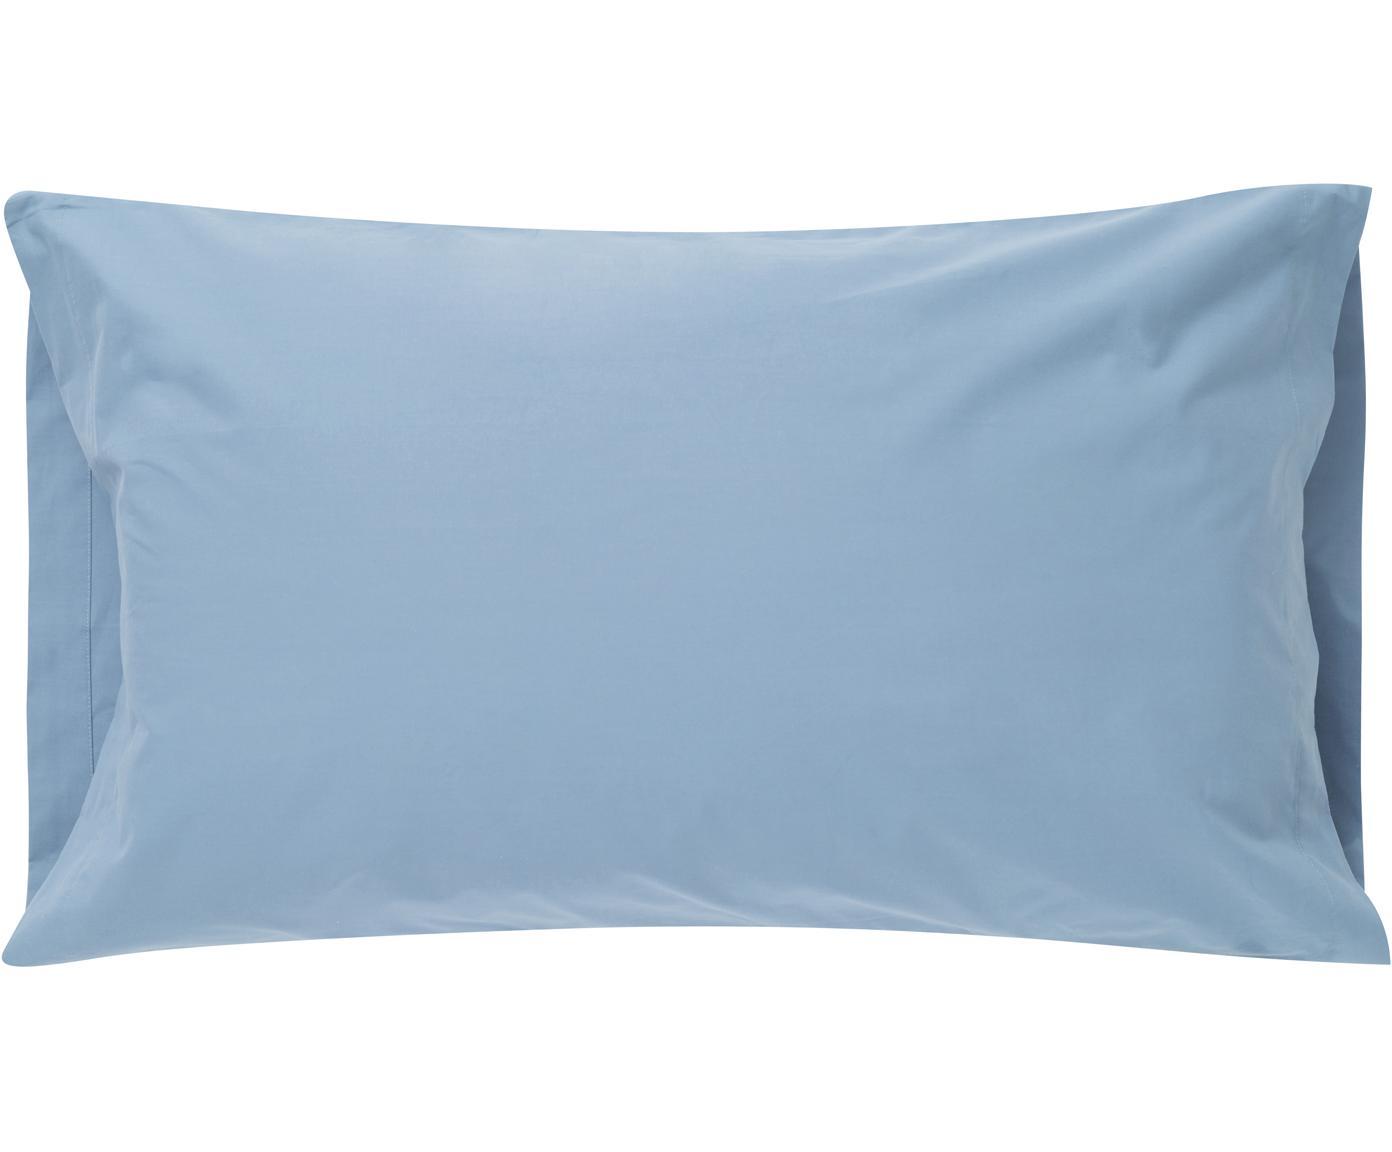 Funda de almohada Plain Dye, Algodón, Azul vaquero, An 50 x L 110 cm